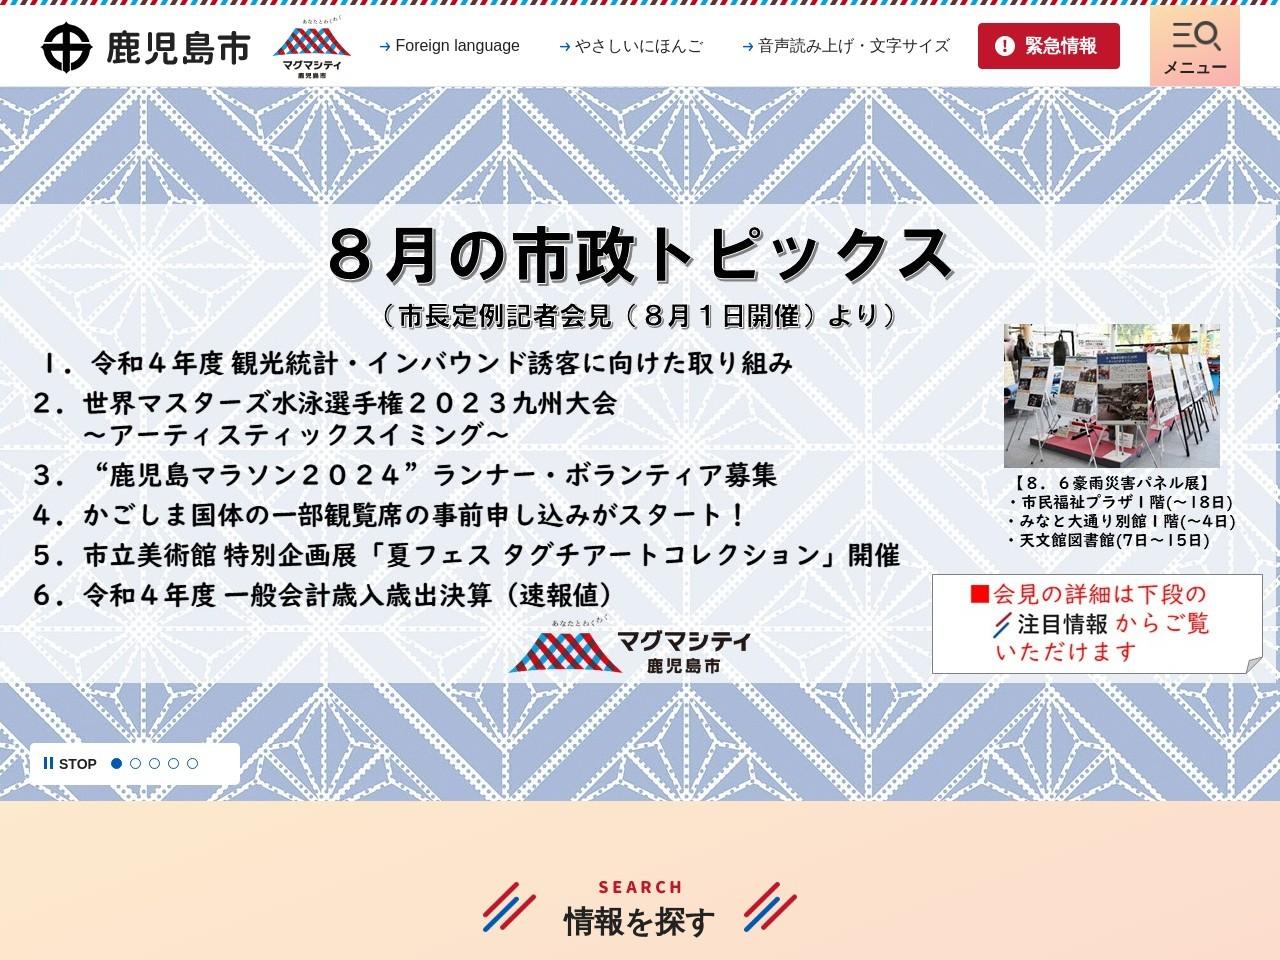 http://www.city.kagoshima.lg.jp/kenkofukushi/hokenjo/seiei-jueki/kurashi/dobutsu/aigo/douai.html